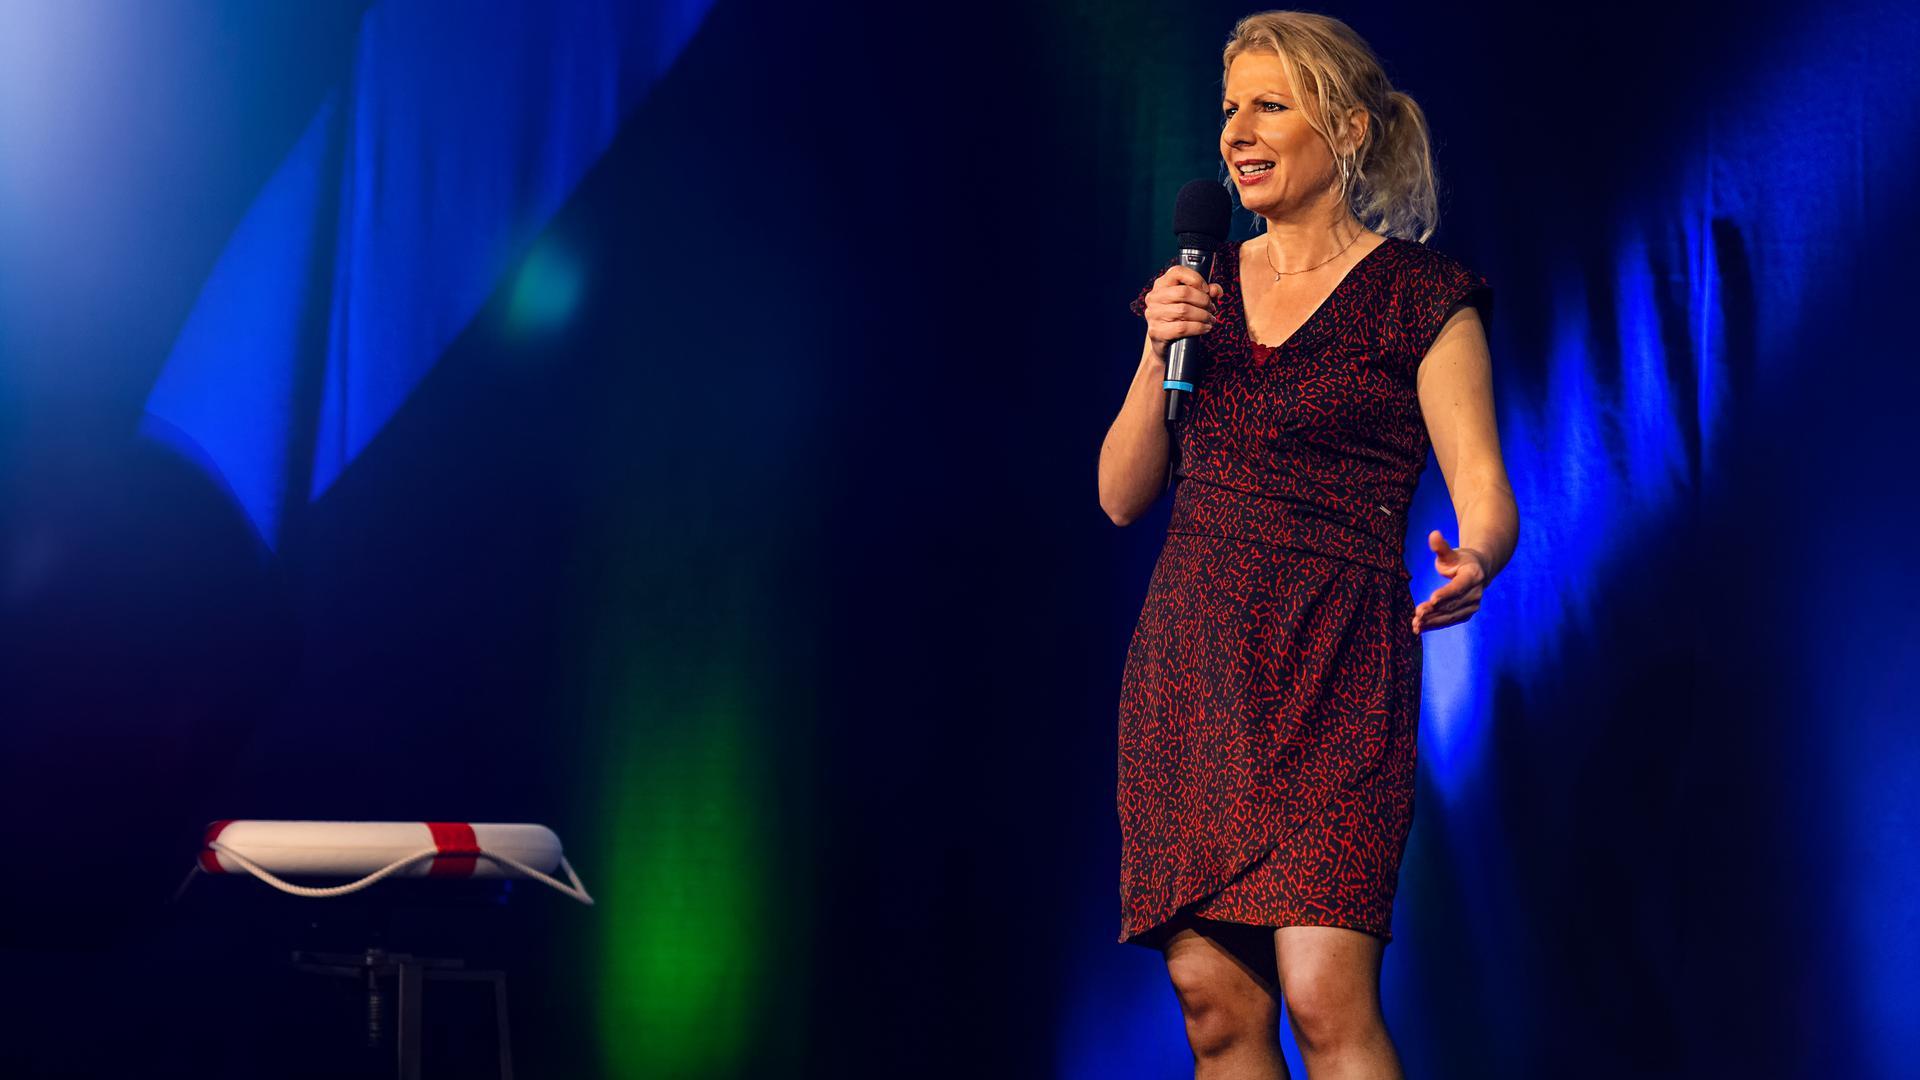 Corinna Spaeth steht auf der Bühne bei einem Speaker Slam, neben ihr liegt ein Rettungsring.